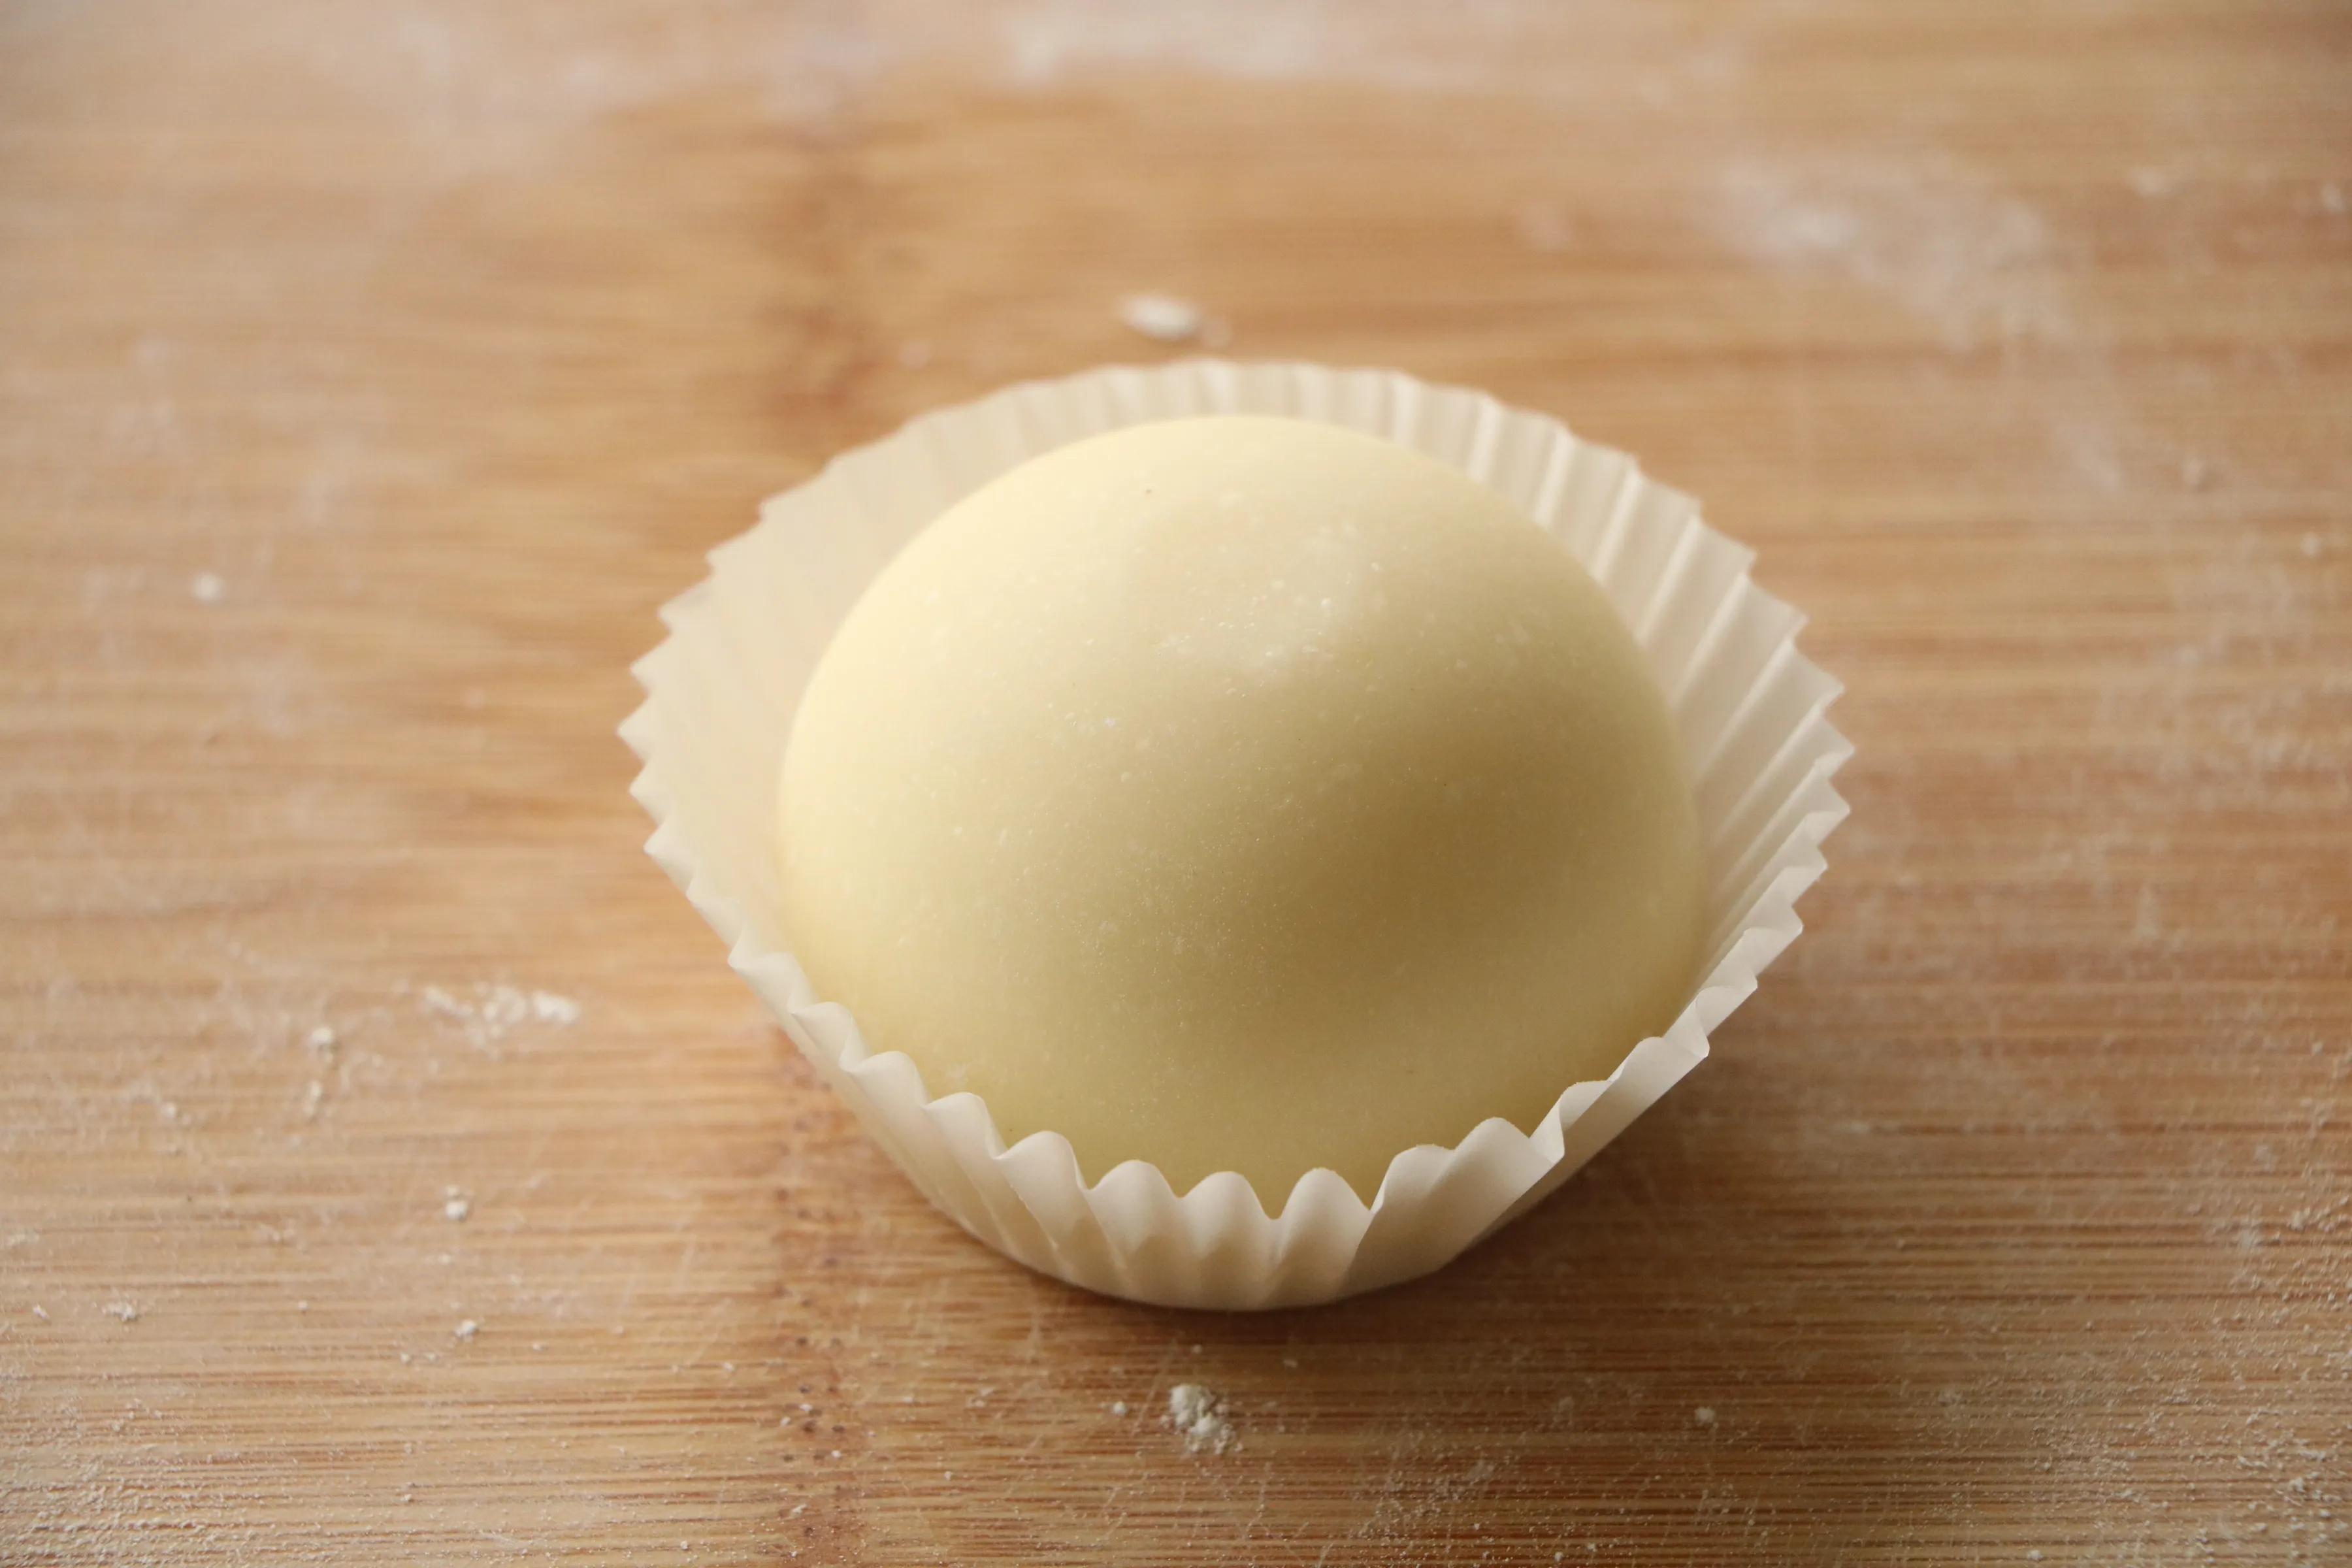 春天最愛吃的甜點,不用烤箱,蒸鍋就搞定,軟糯香甜吃不夠,香!